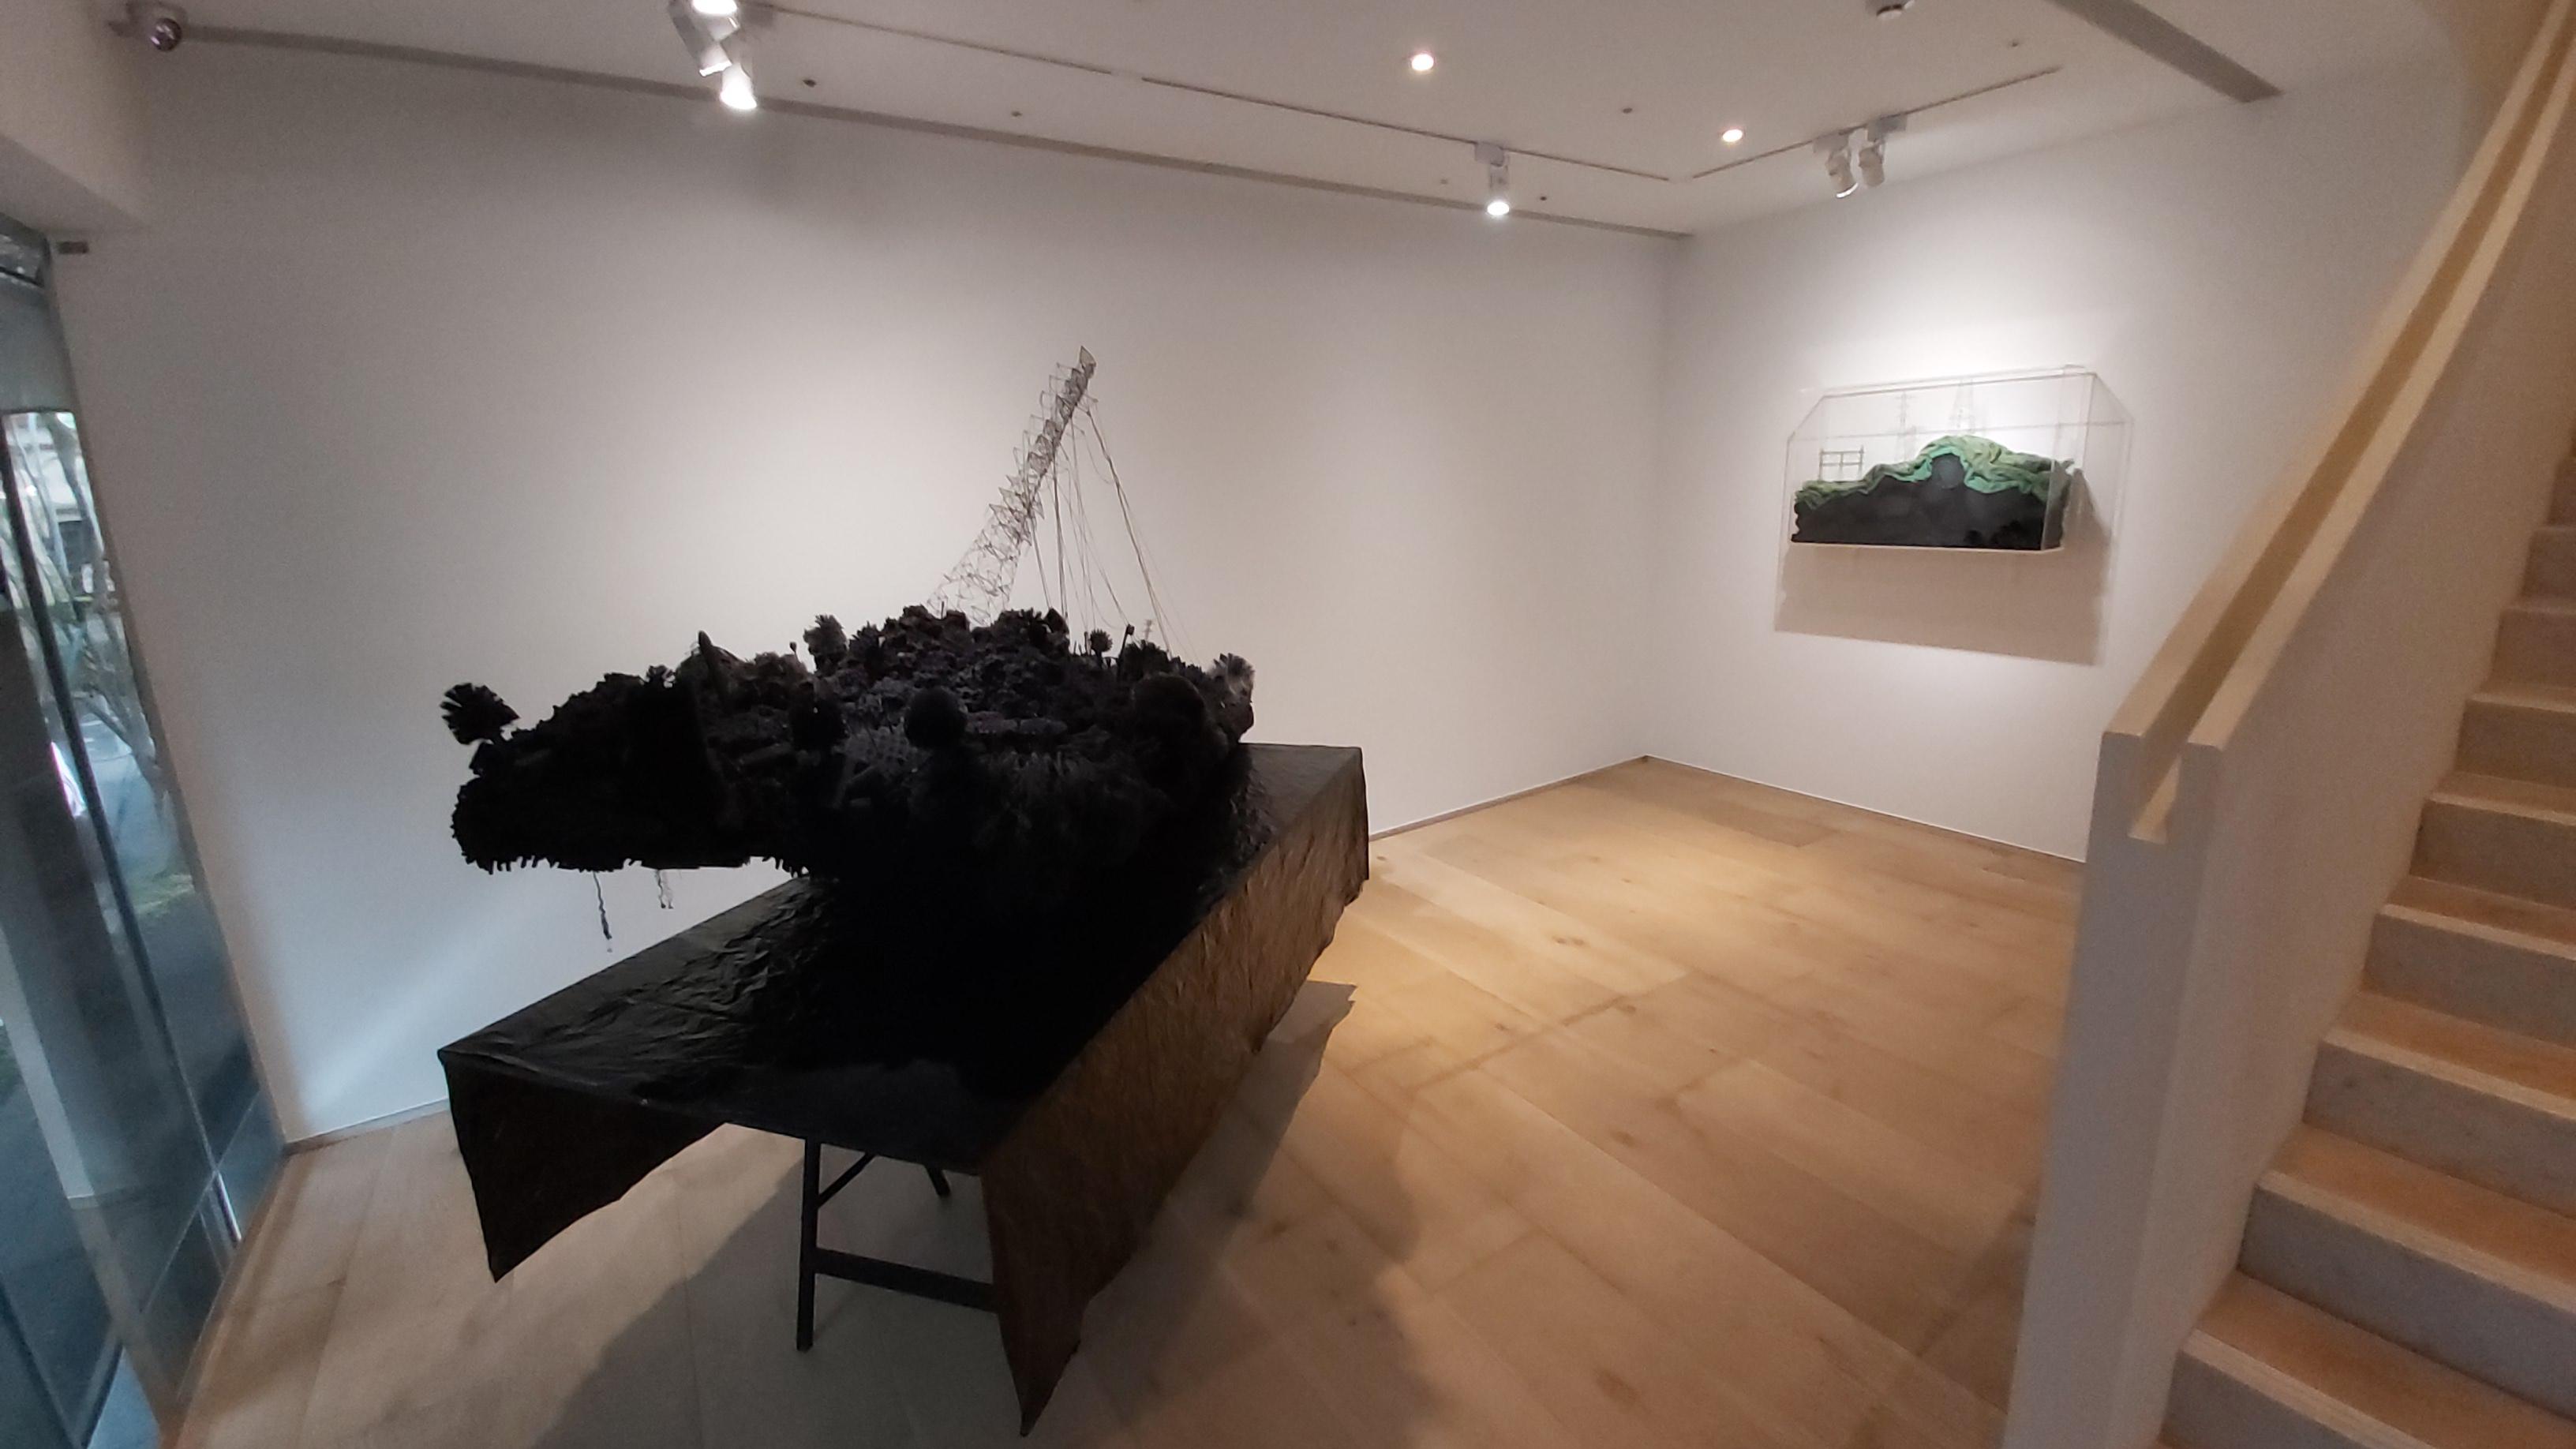 岩崎貴宏《混沌之外(崩塌)》作品於展場呈現樣貌